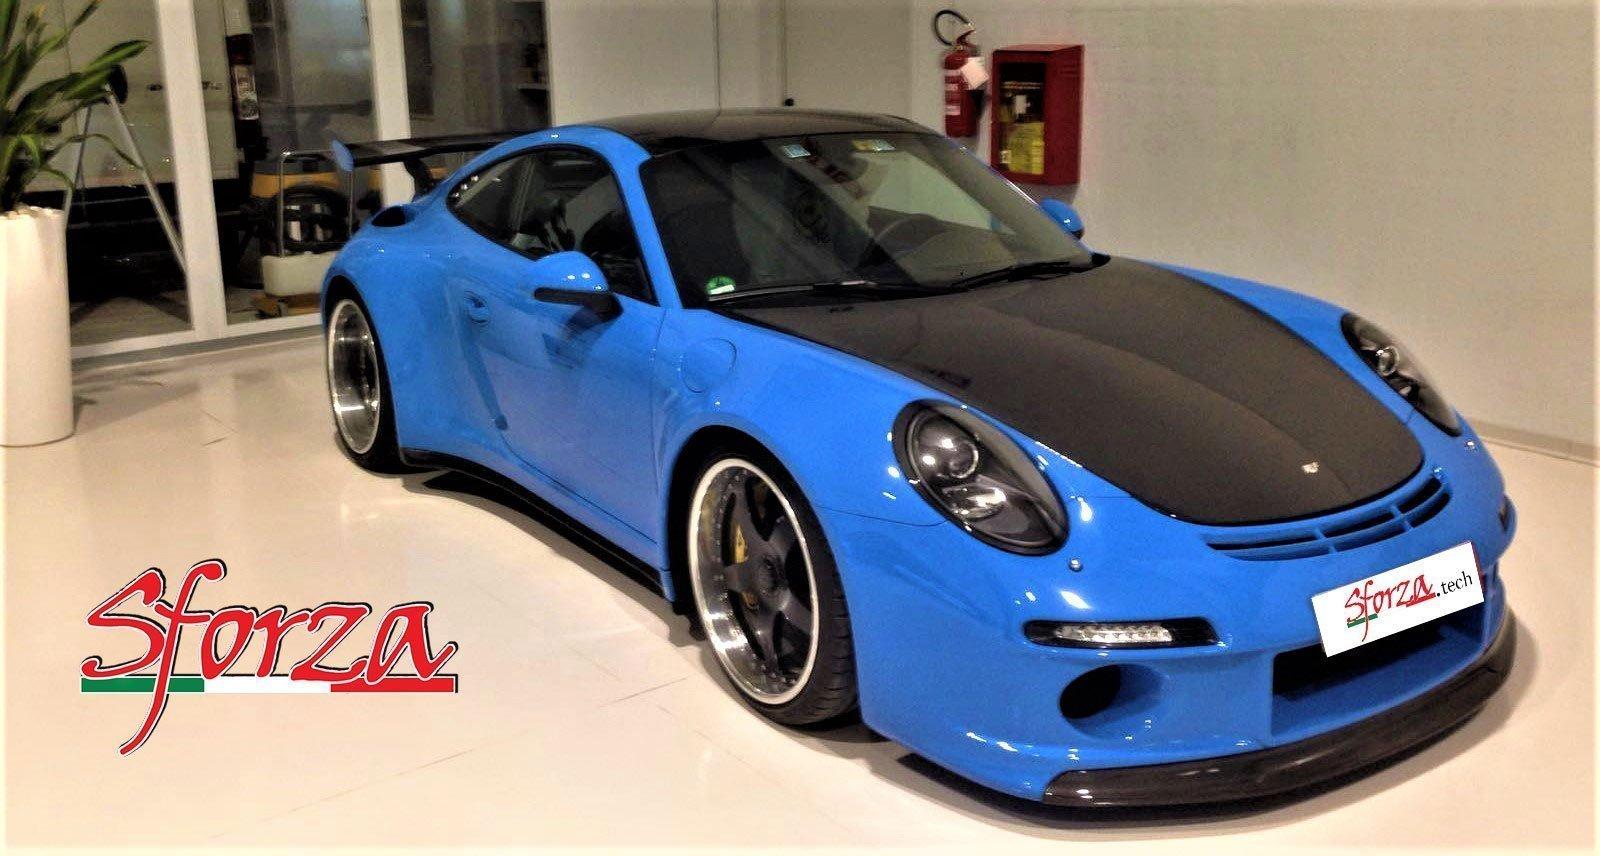 Porsche 911 CTR RUF Sforza Carbon